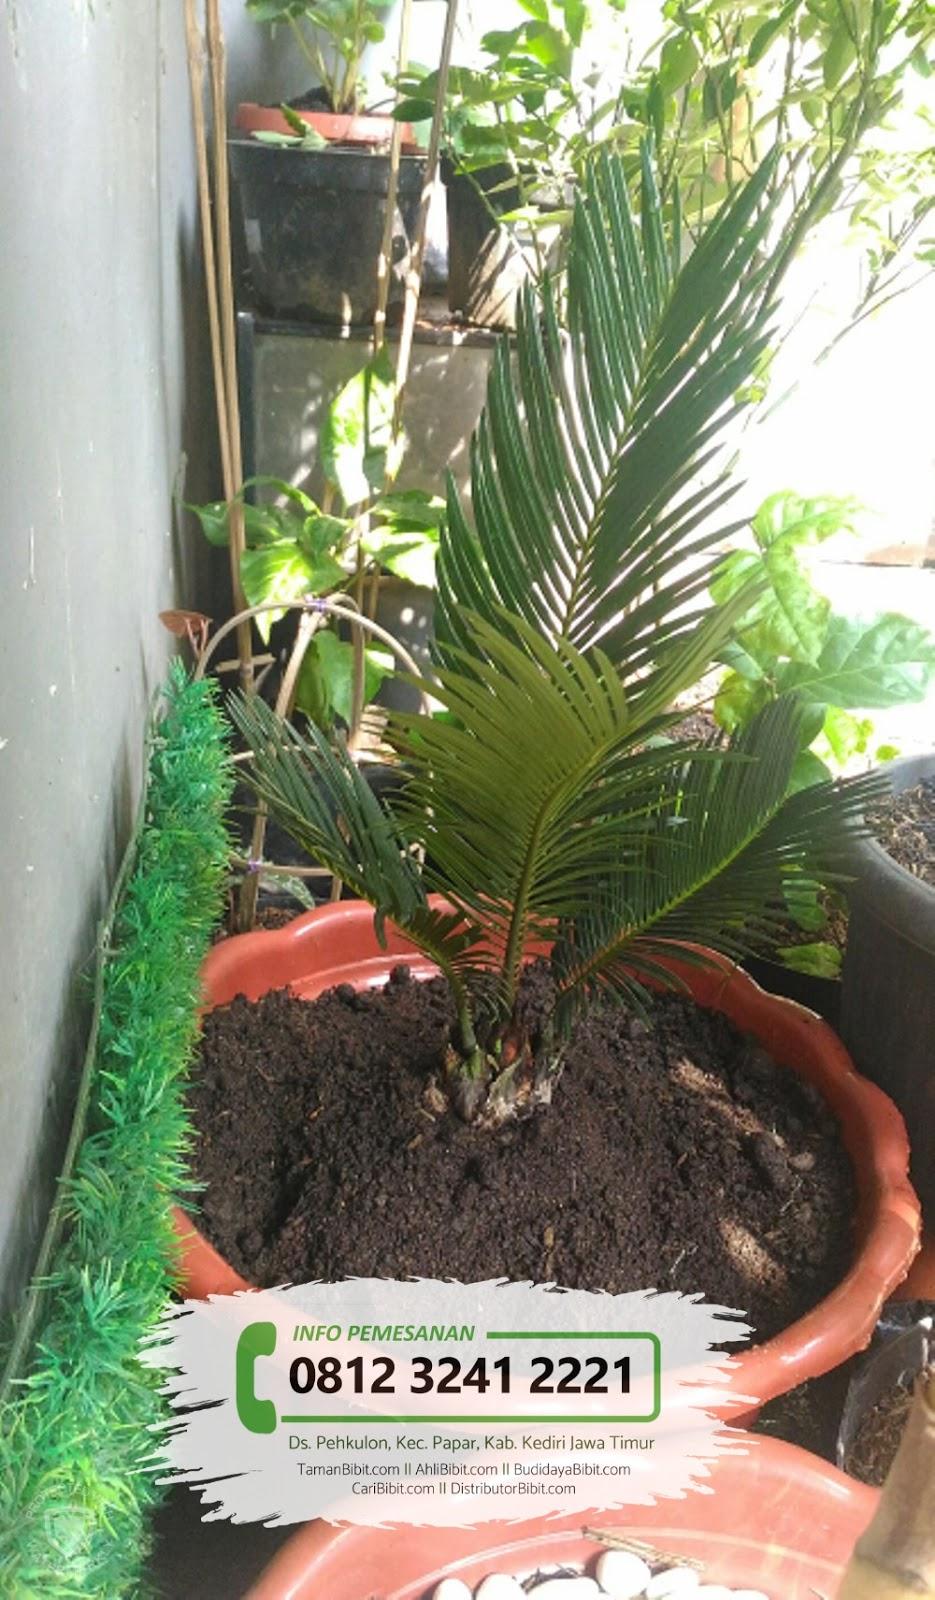 Jual Bibit Pohon Sikas (Mawar Jambe)